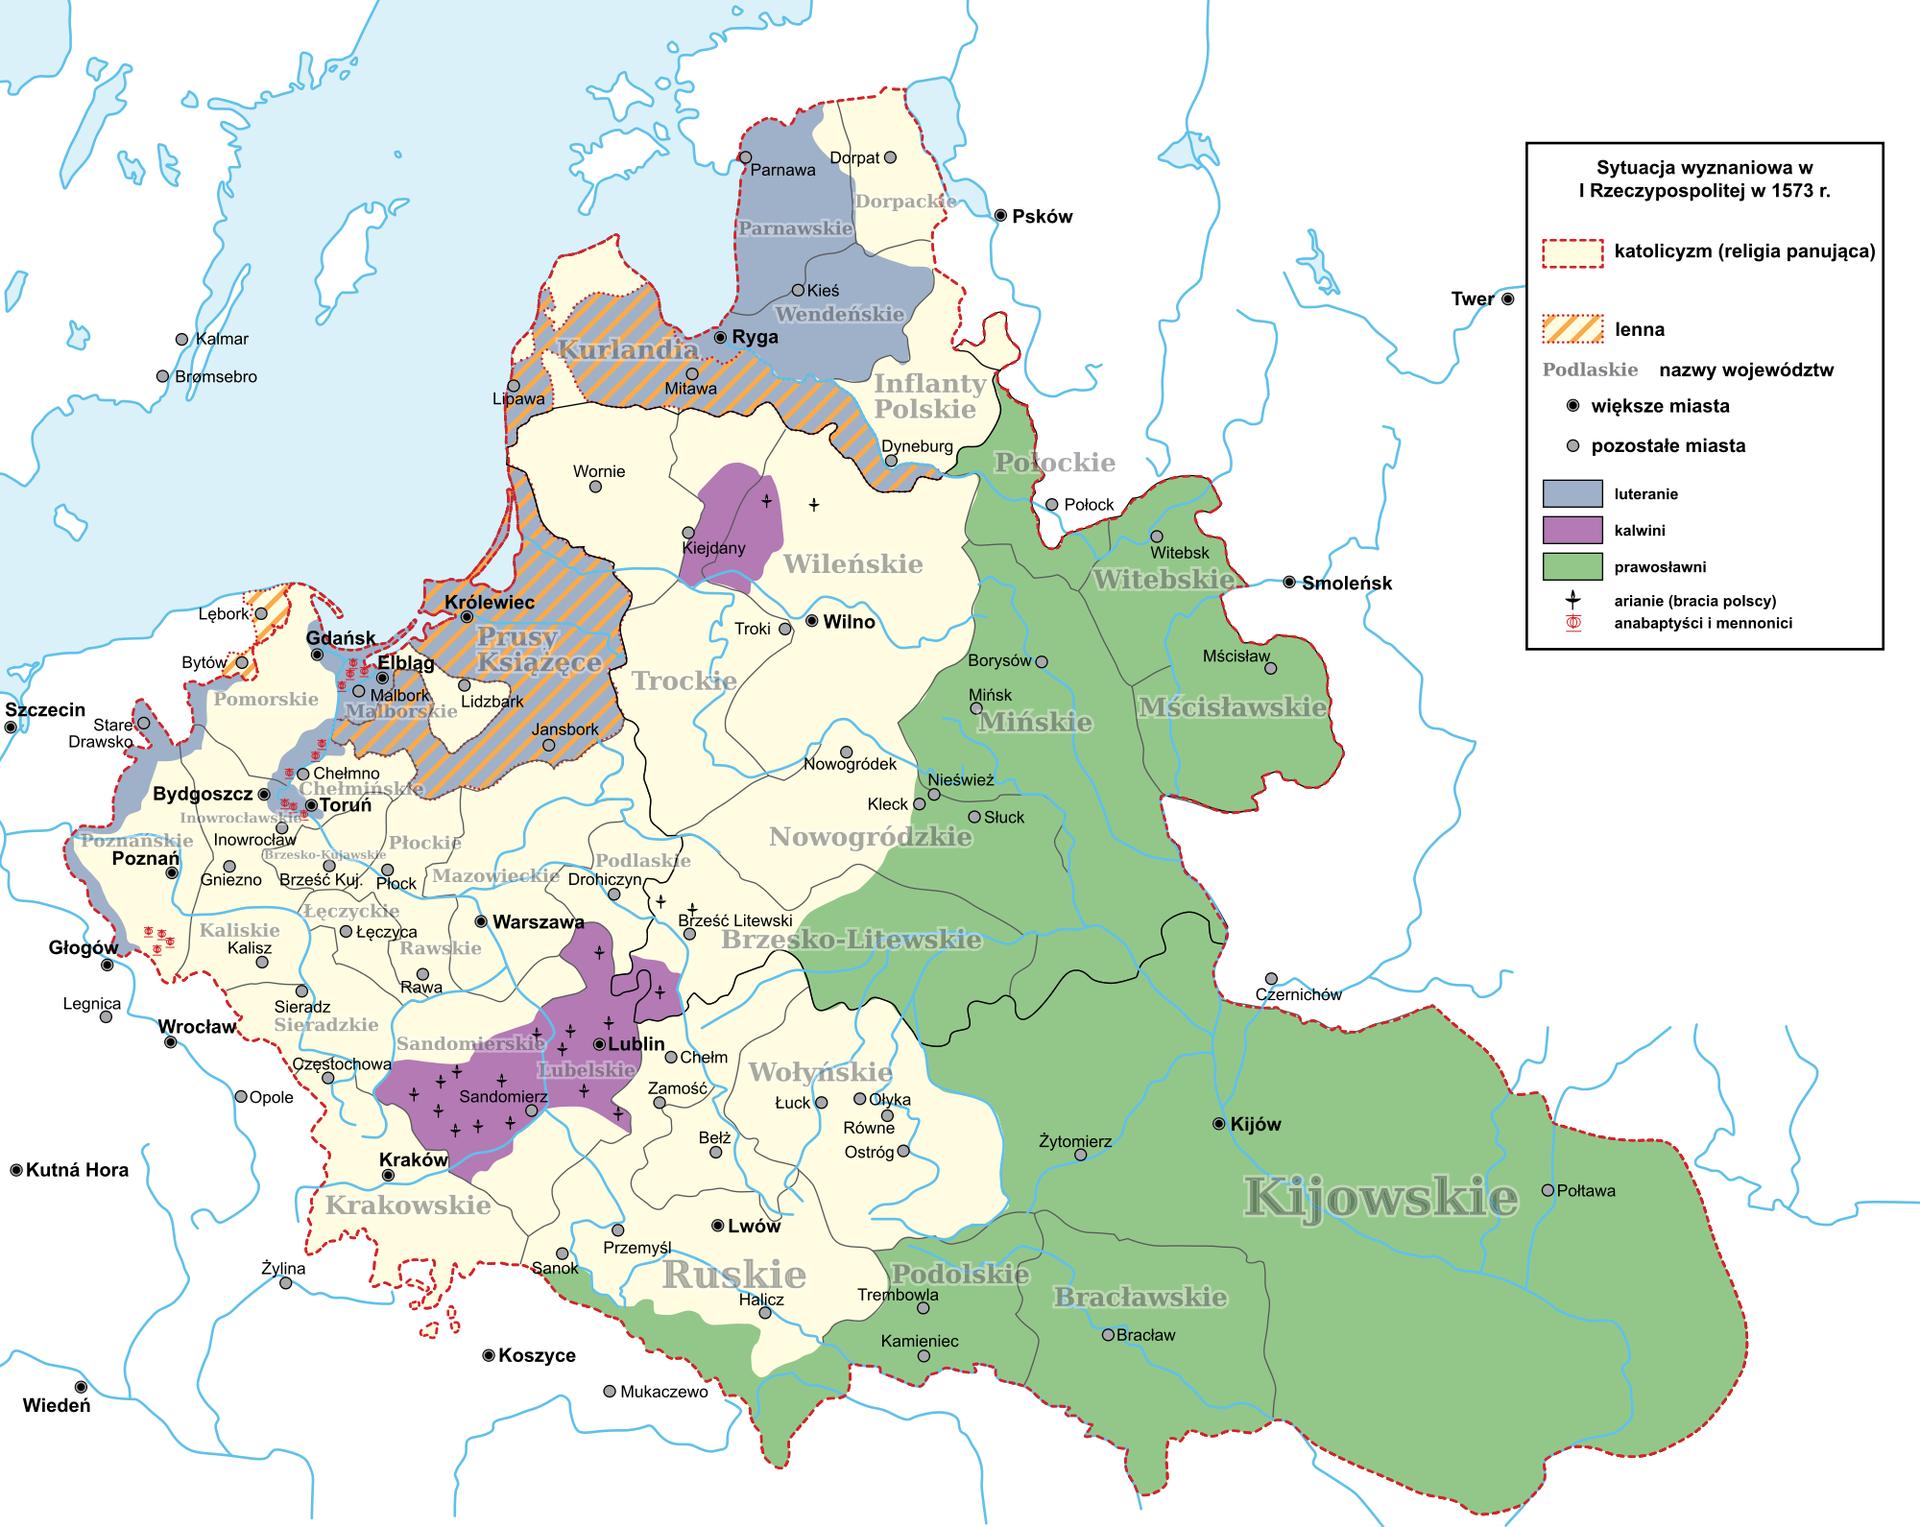 Sytuacja wyznaniowa wIRzeczypospolitej w1573 roku Sytuacja wyznaniowa wIRzeczypospolitej w1573 roku Źródło: Hoodinski, licencja: CC BY 3.0.